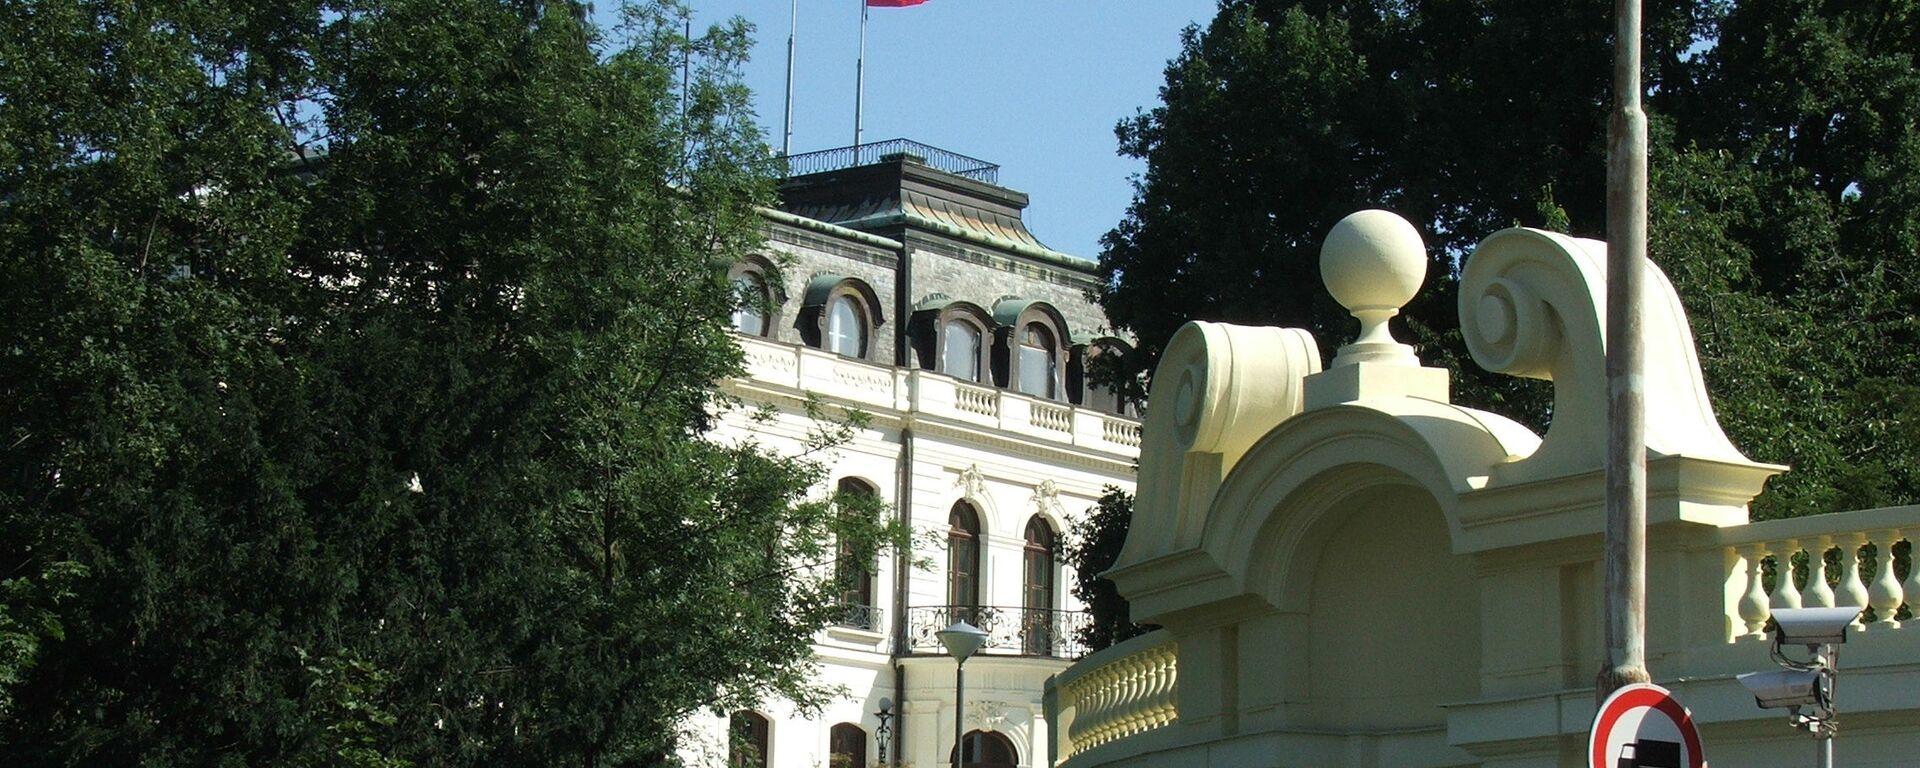 Ruské velvyslanectví v Praze - Sputnik Česká republika, 1920, 05.05.2021